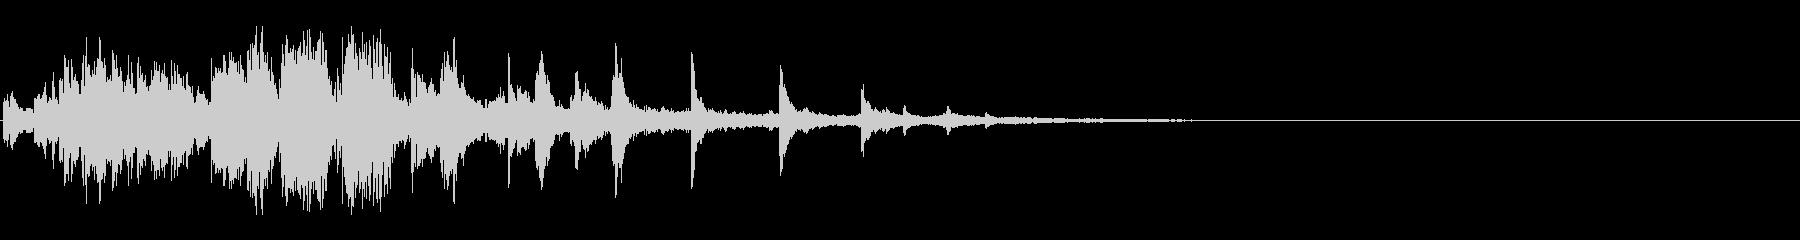 シャラララ (ウインドチャイム風)の未再生の波形